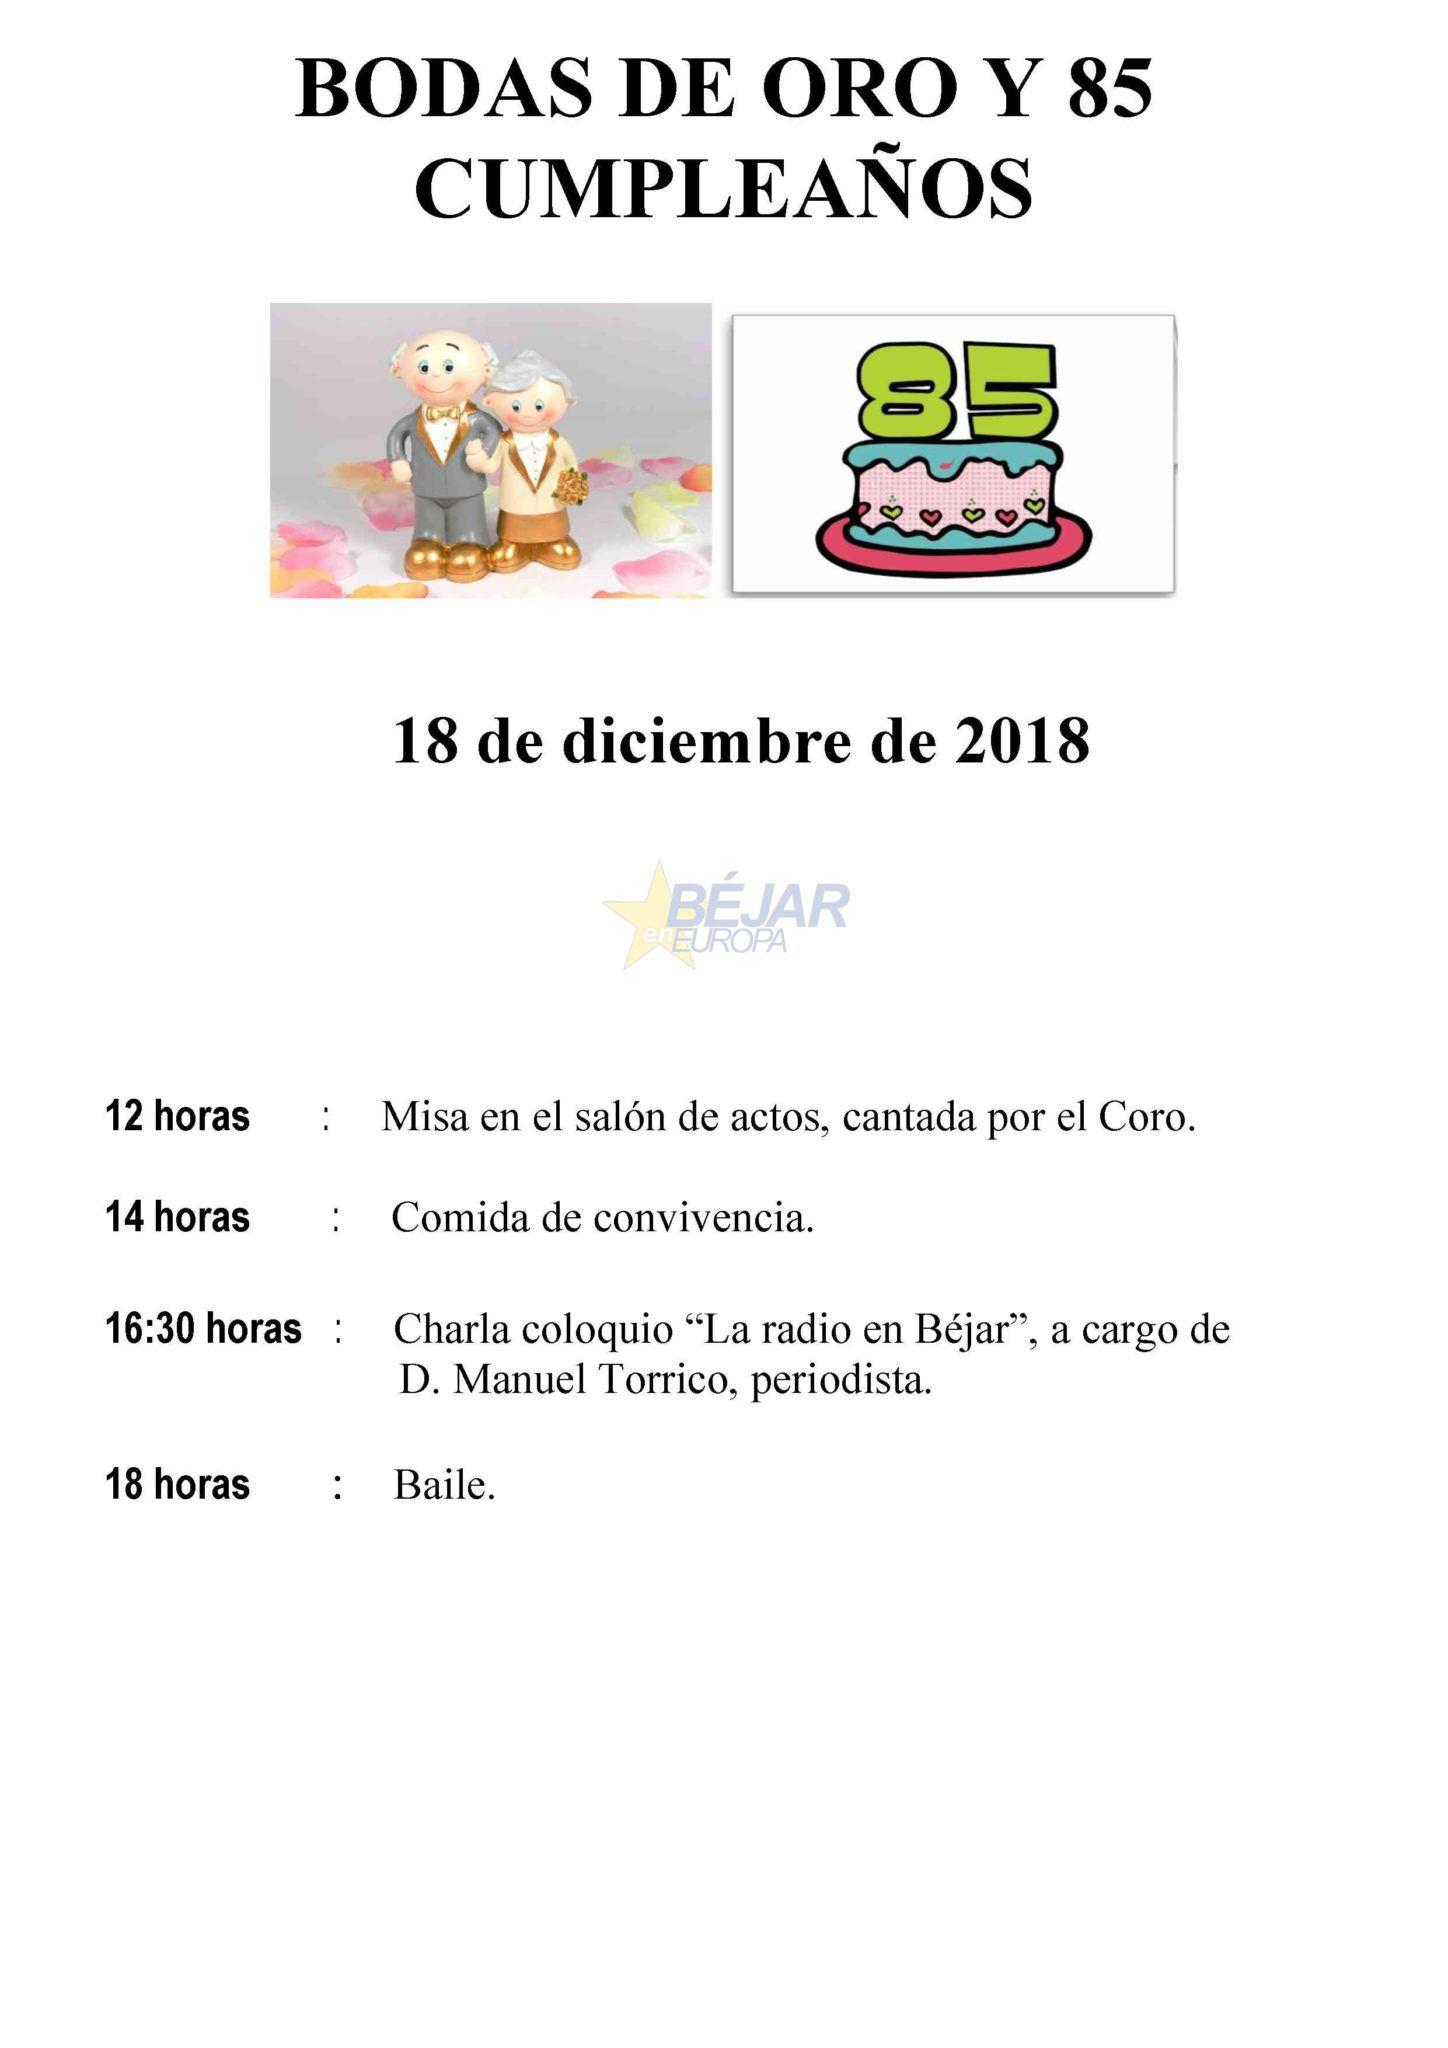 El Centro de Día celebra las Bodas de Oro y 85 Cumpleaños